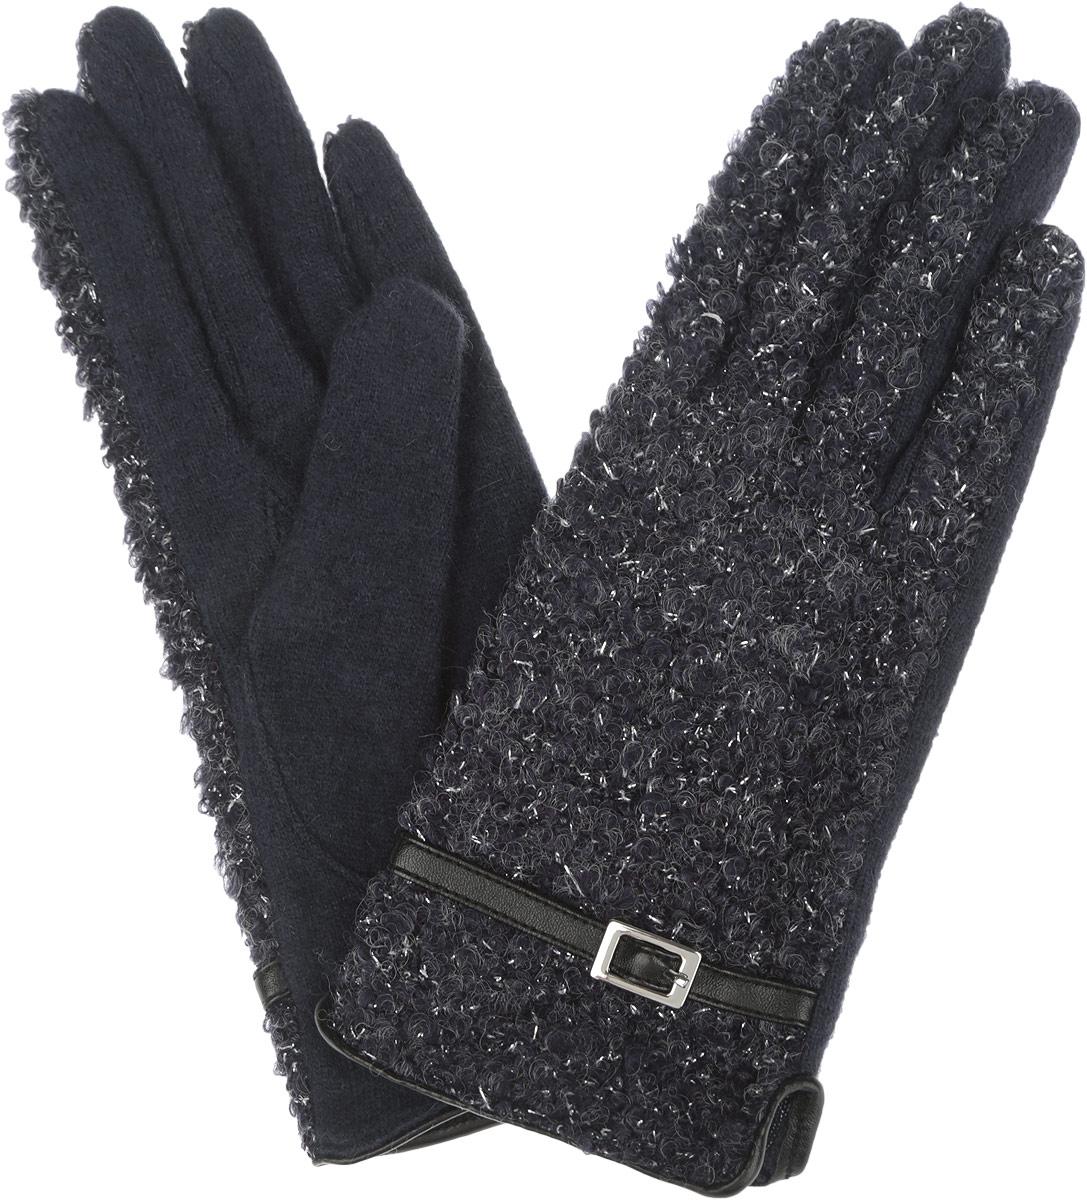 Перчатки женские. LB-BPH-10LB-BPH-10Стильные женские перчатки Labbra не только защитят ваши руки от холода, но и станут великолепным украшением. Перчатки выполнены из шерсти с добавлением акрила и ангоры. Модель дополнена декоративным ремешком с пряжкой. Лицевая сторона модели выполнена из буклированного трикотажа. В настоящее время перчатки являются неотъемлемой частью гардероба, вместе с этим аксессуаром вы обретаете женственность и элегантность. Перчатки станут завершающим и подчеркивающим элементом вашего стиля и неповторимости.